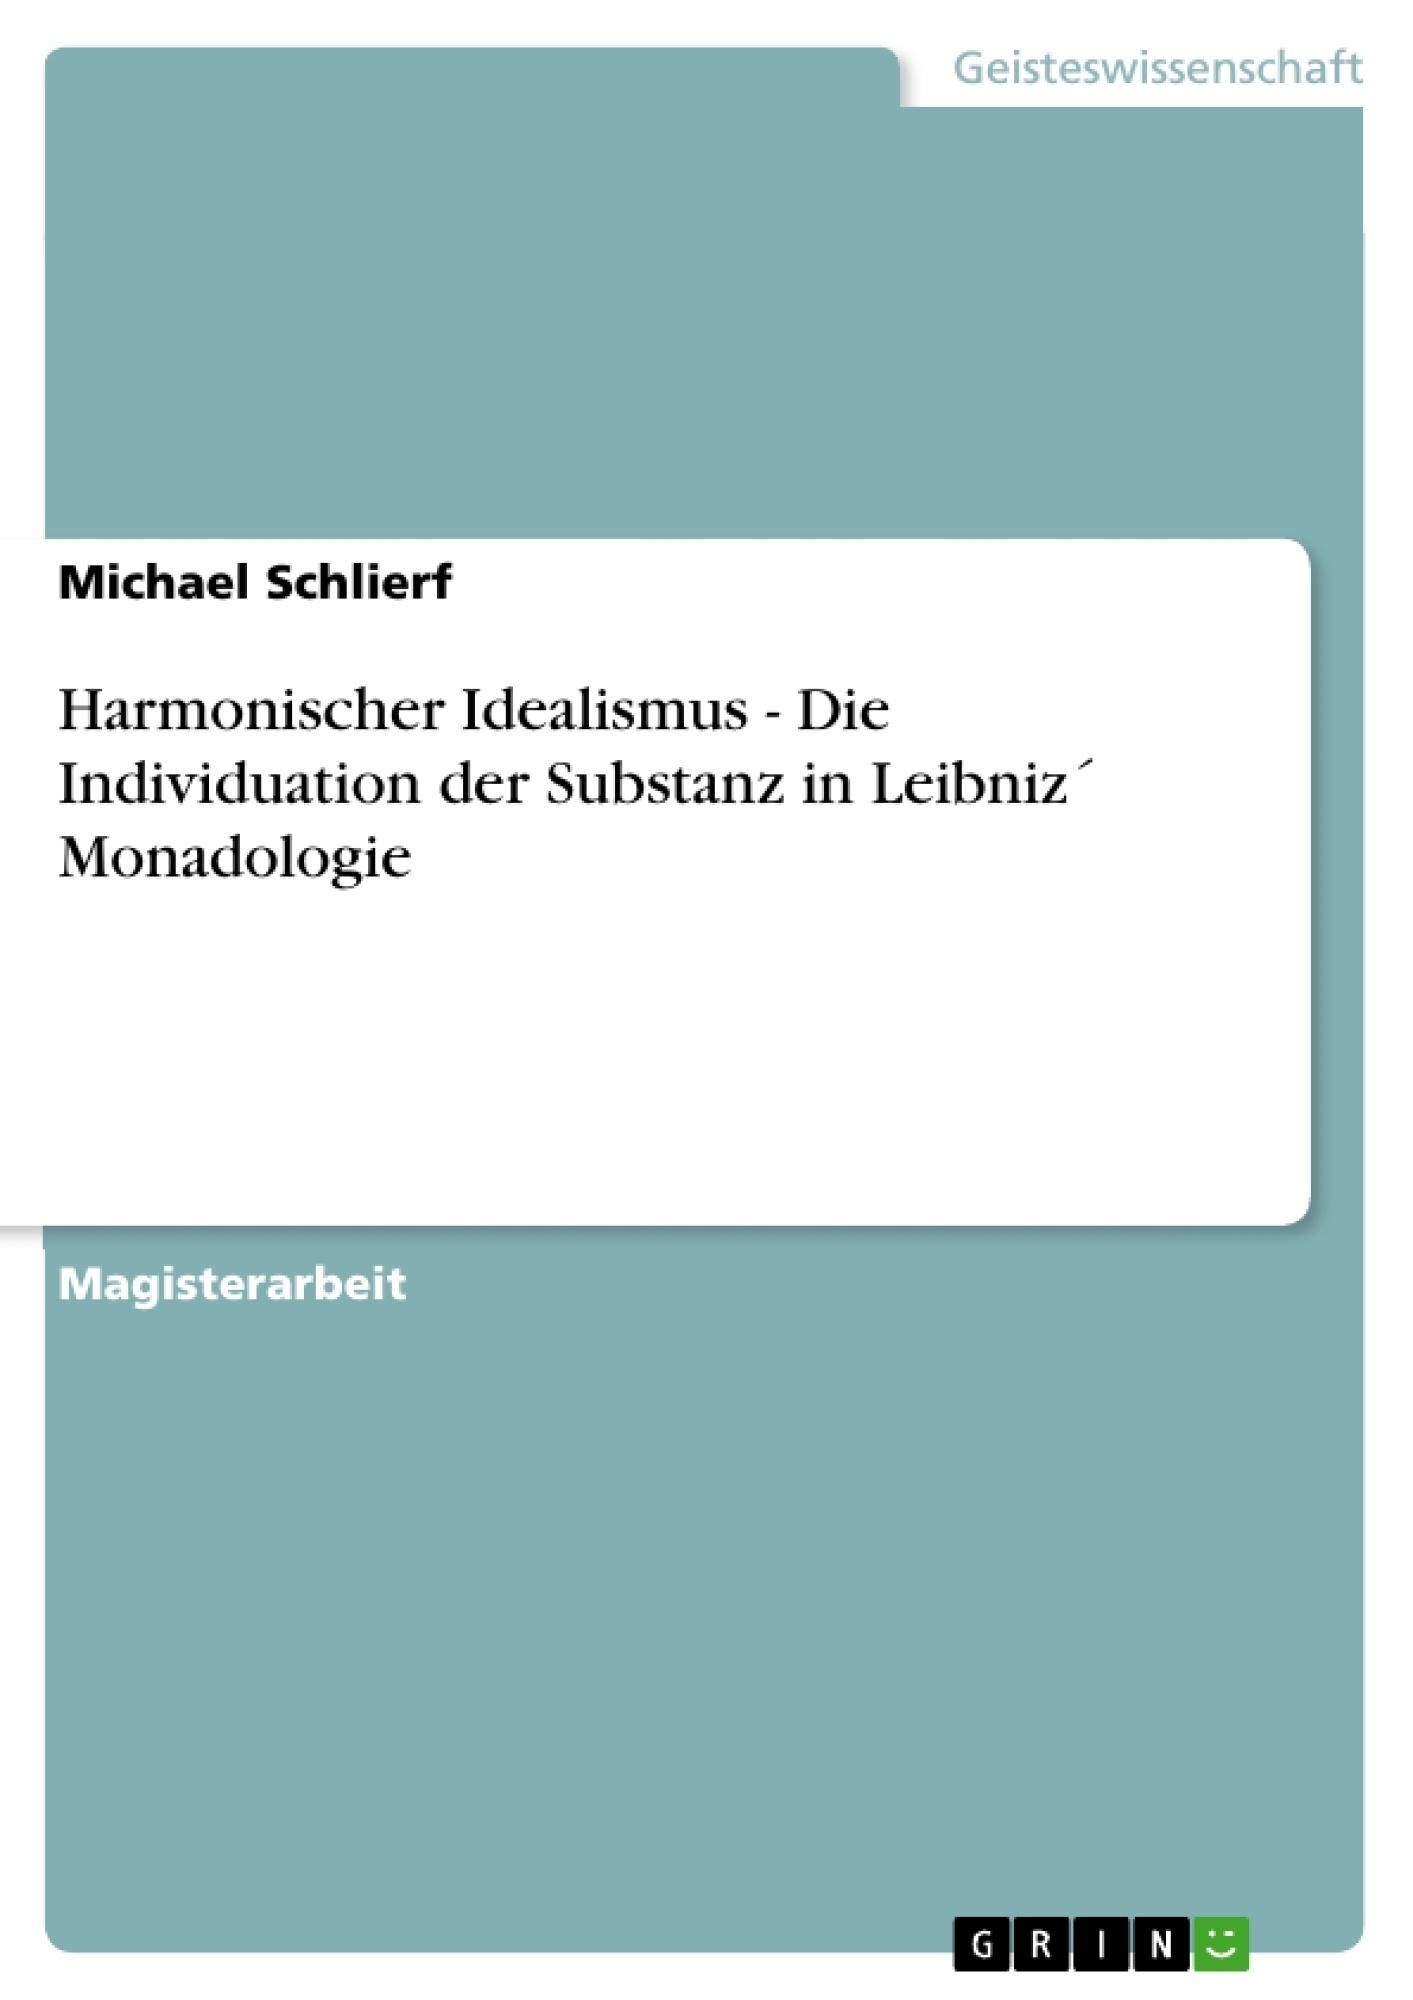 Titel: Harmonischer Idealismus - Die Individuation der Substanz in Leibniz´ Monadologie